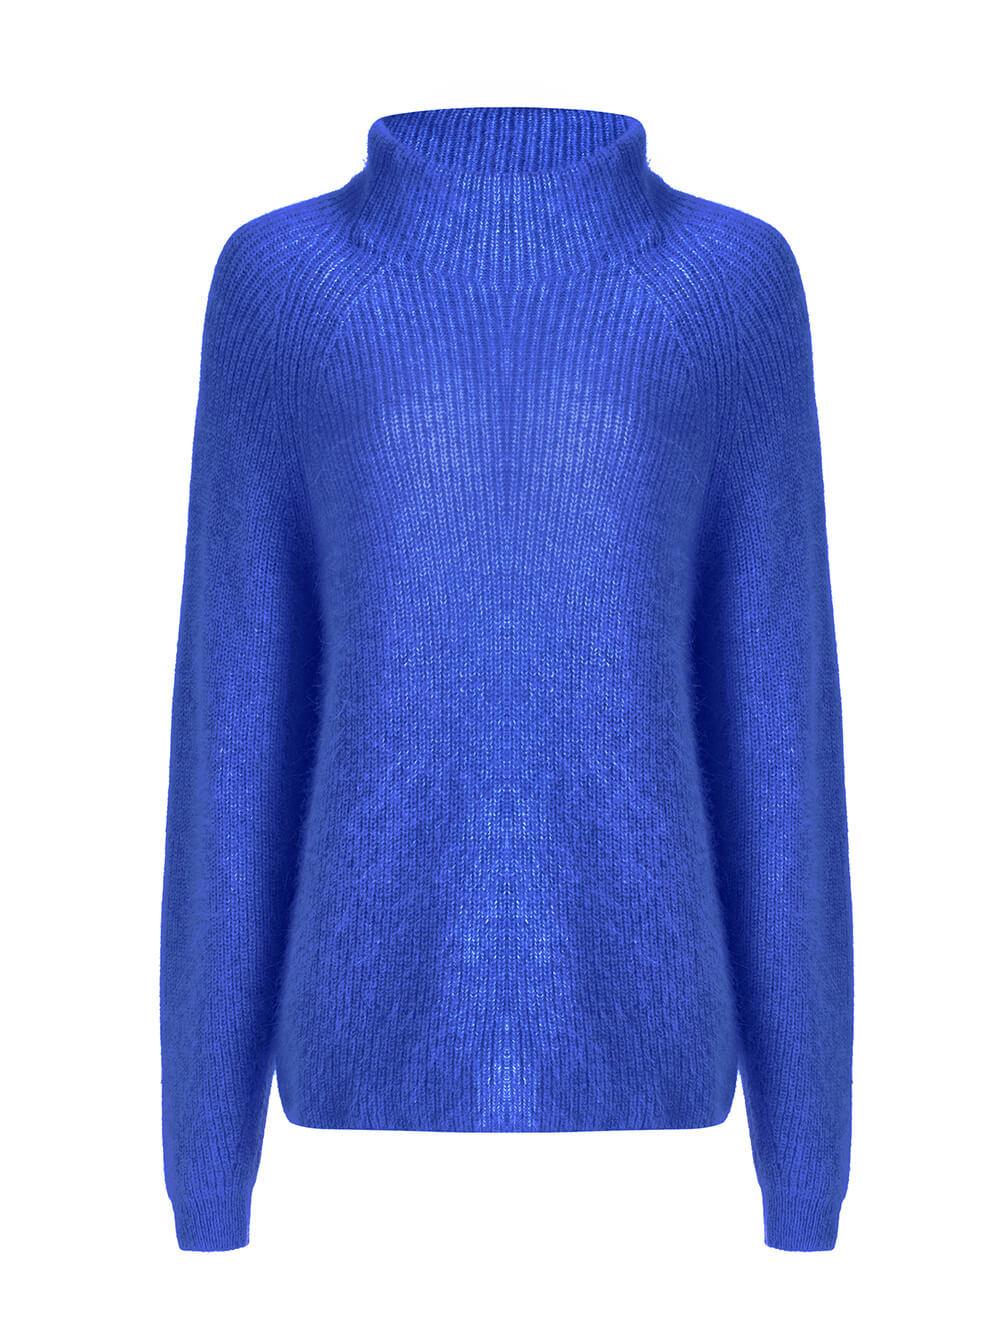 Женский свитер синего цвета из ангоры - фото 1